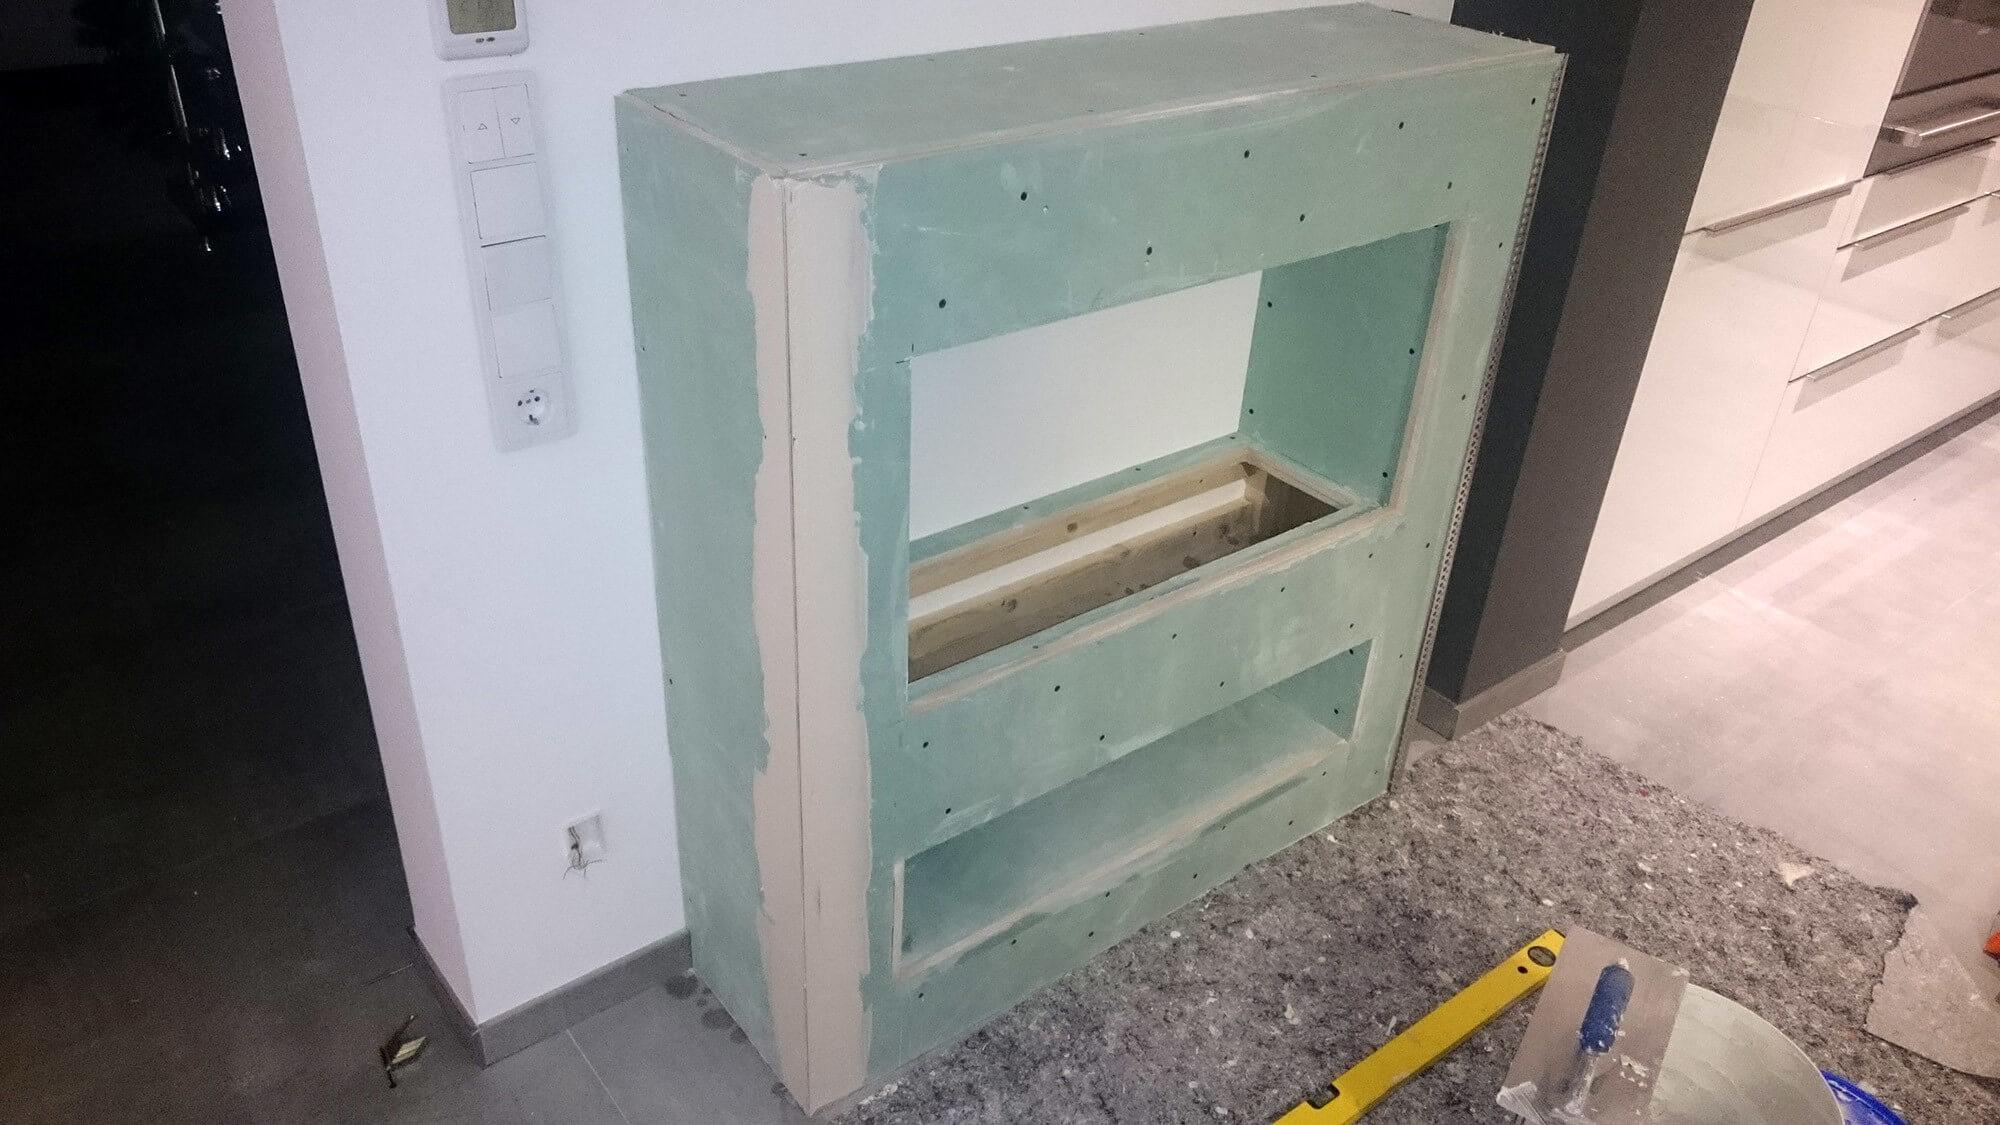 altbau wand mit osb gipskarton verkleiden inspiration design raum und m bel f r. Black Bedroom Furniture Sets. Home Design Ideas